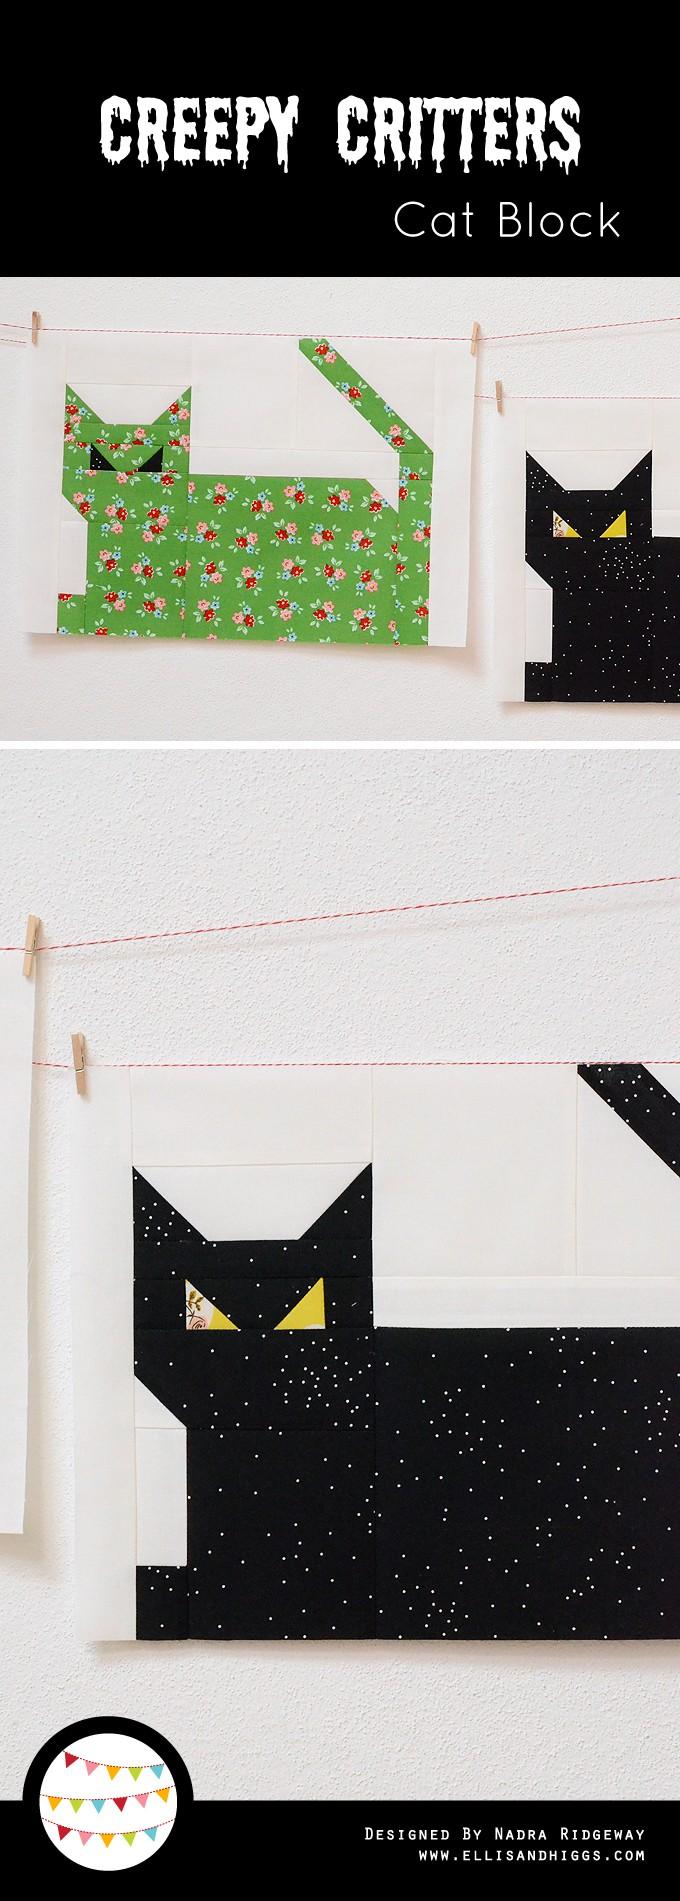 Creepy Critters Cat Quilt Block